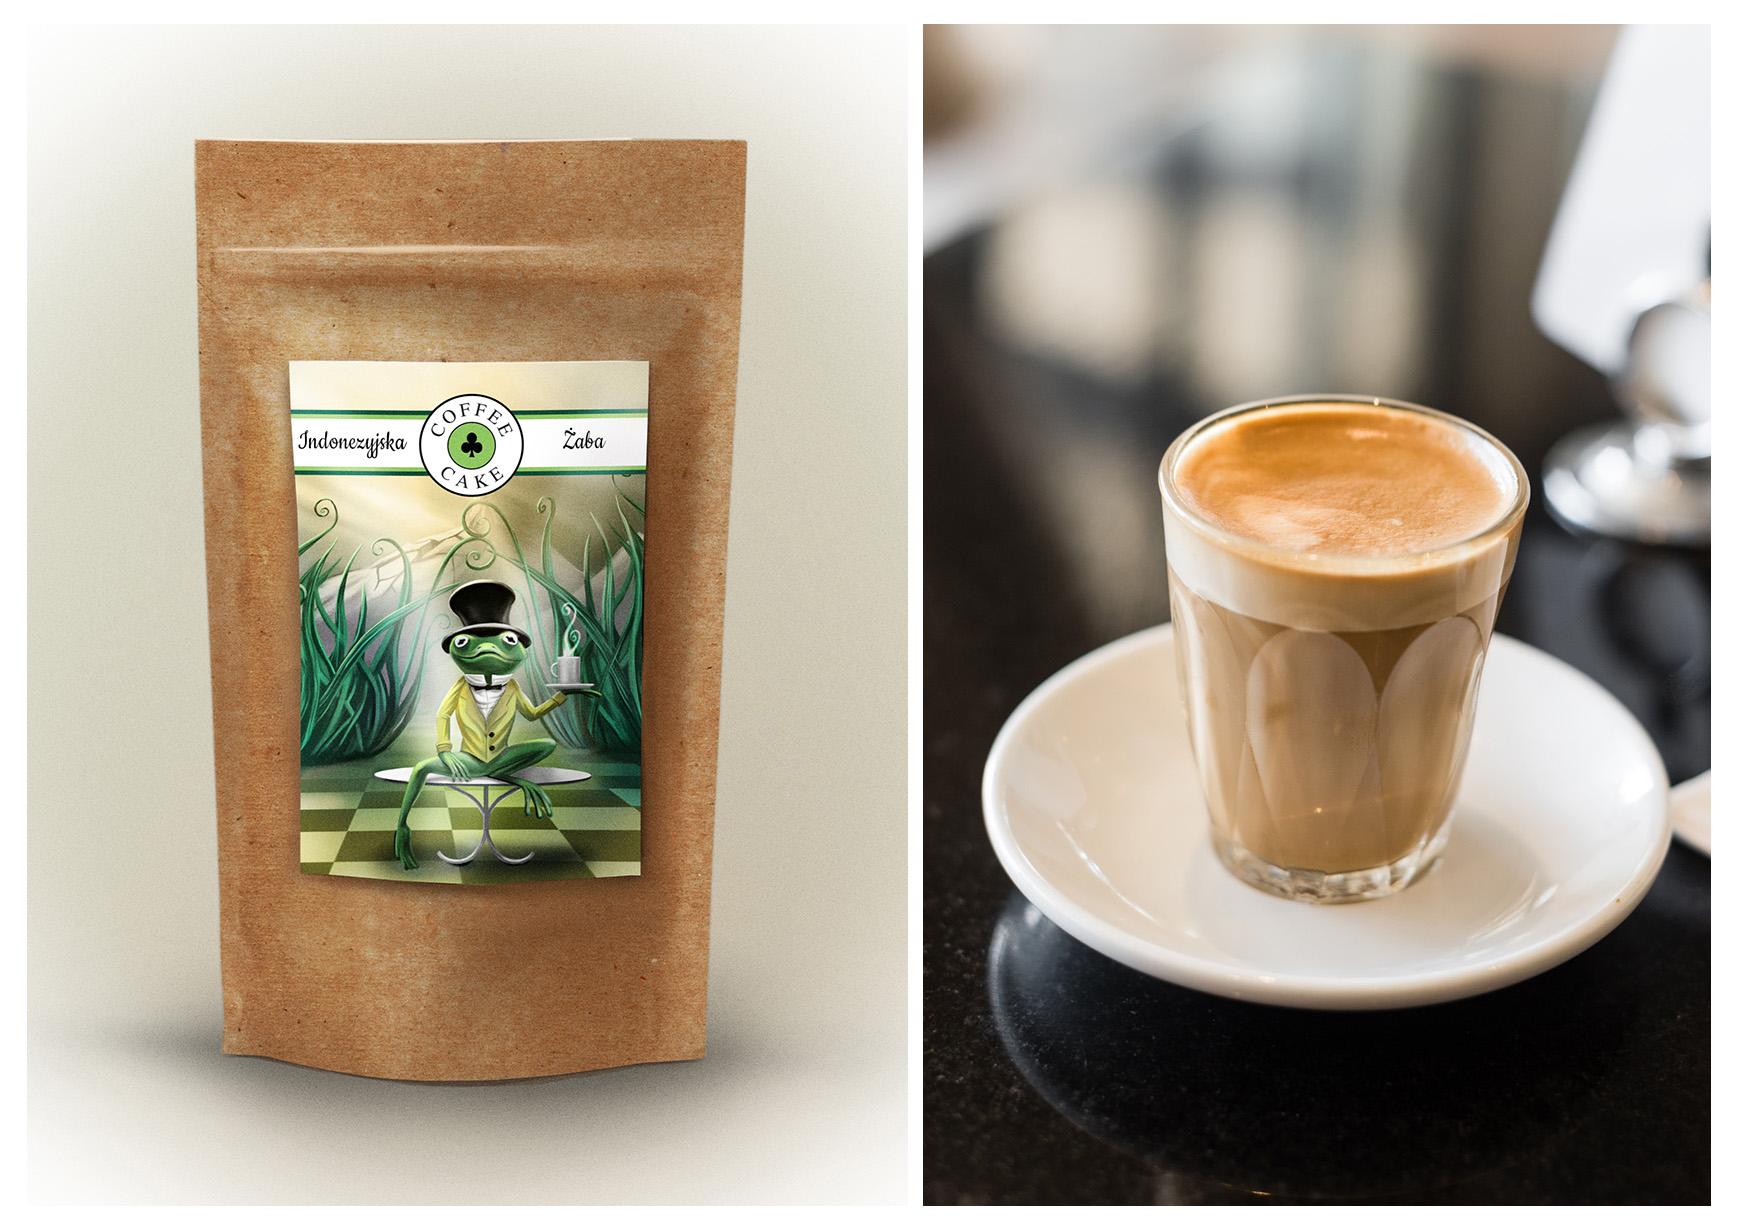 opakowanie kawy indonezyjska żaba i szklanka kawy z mlekiem